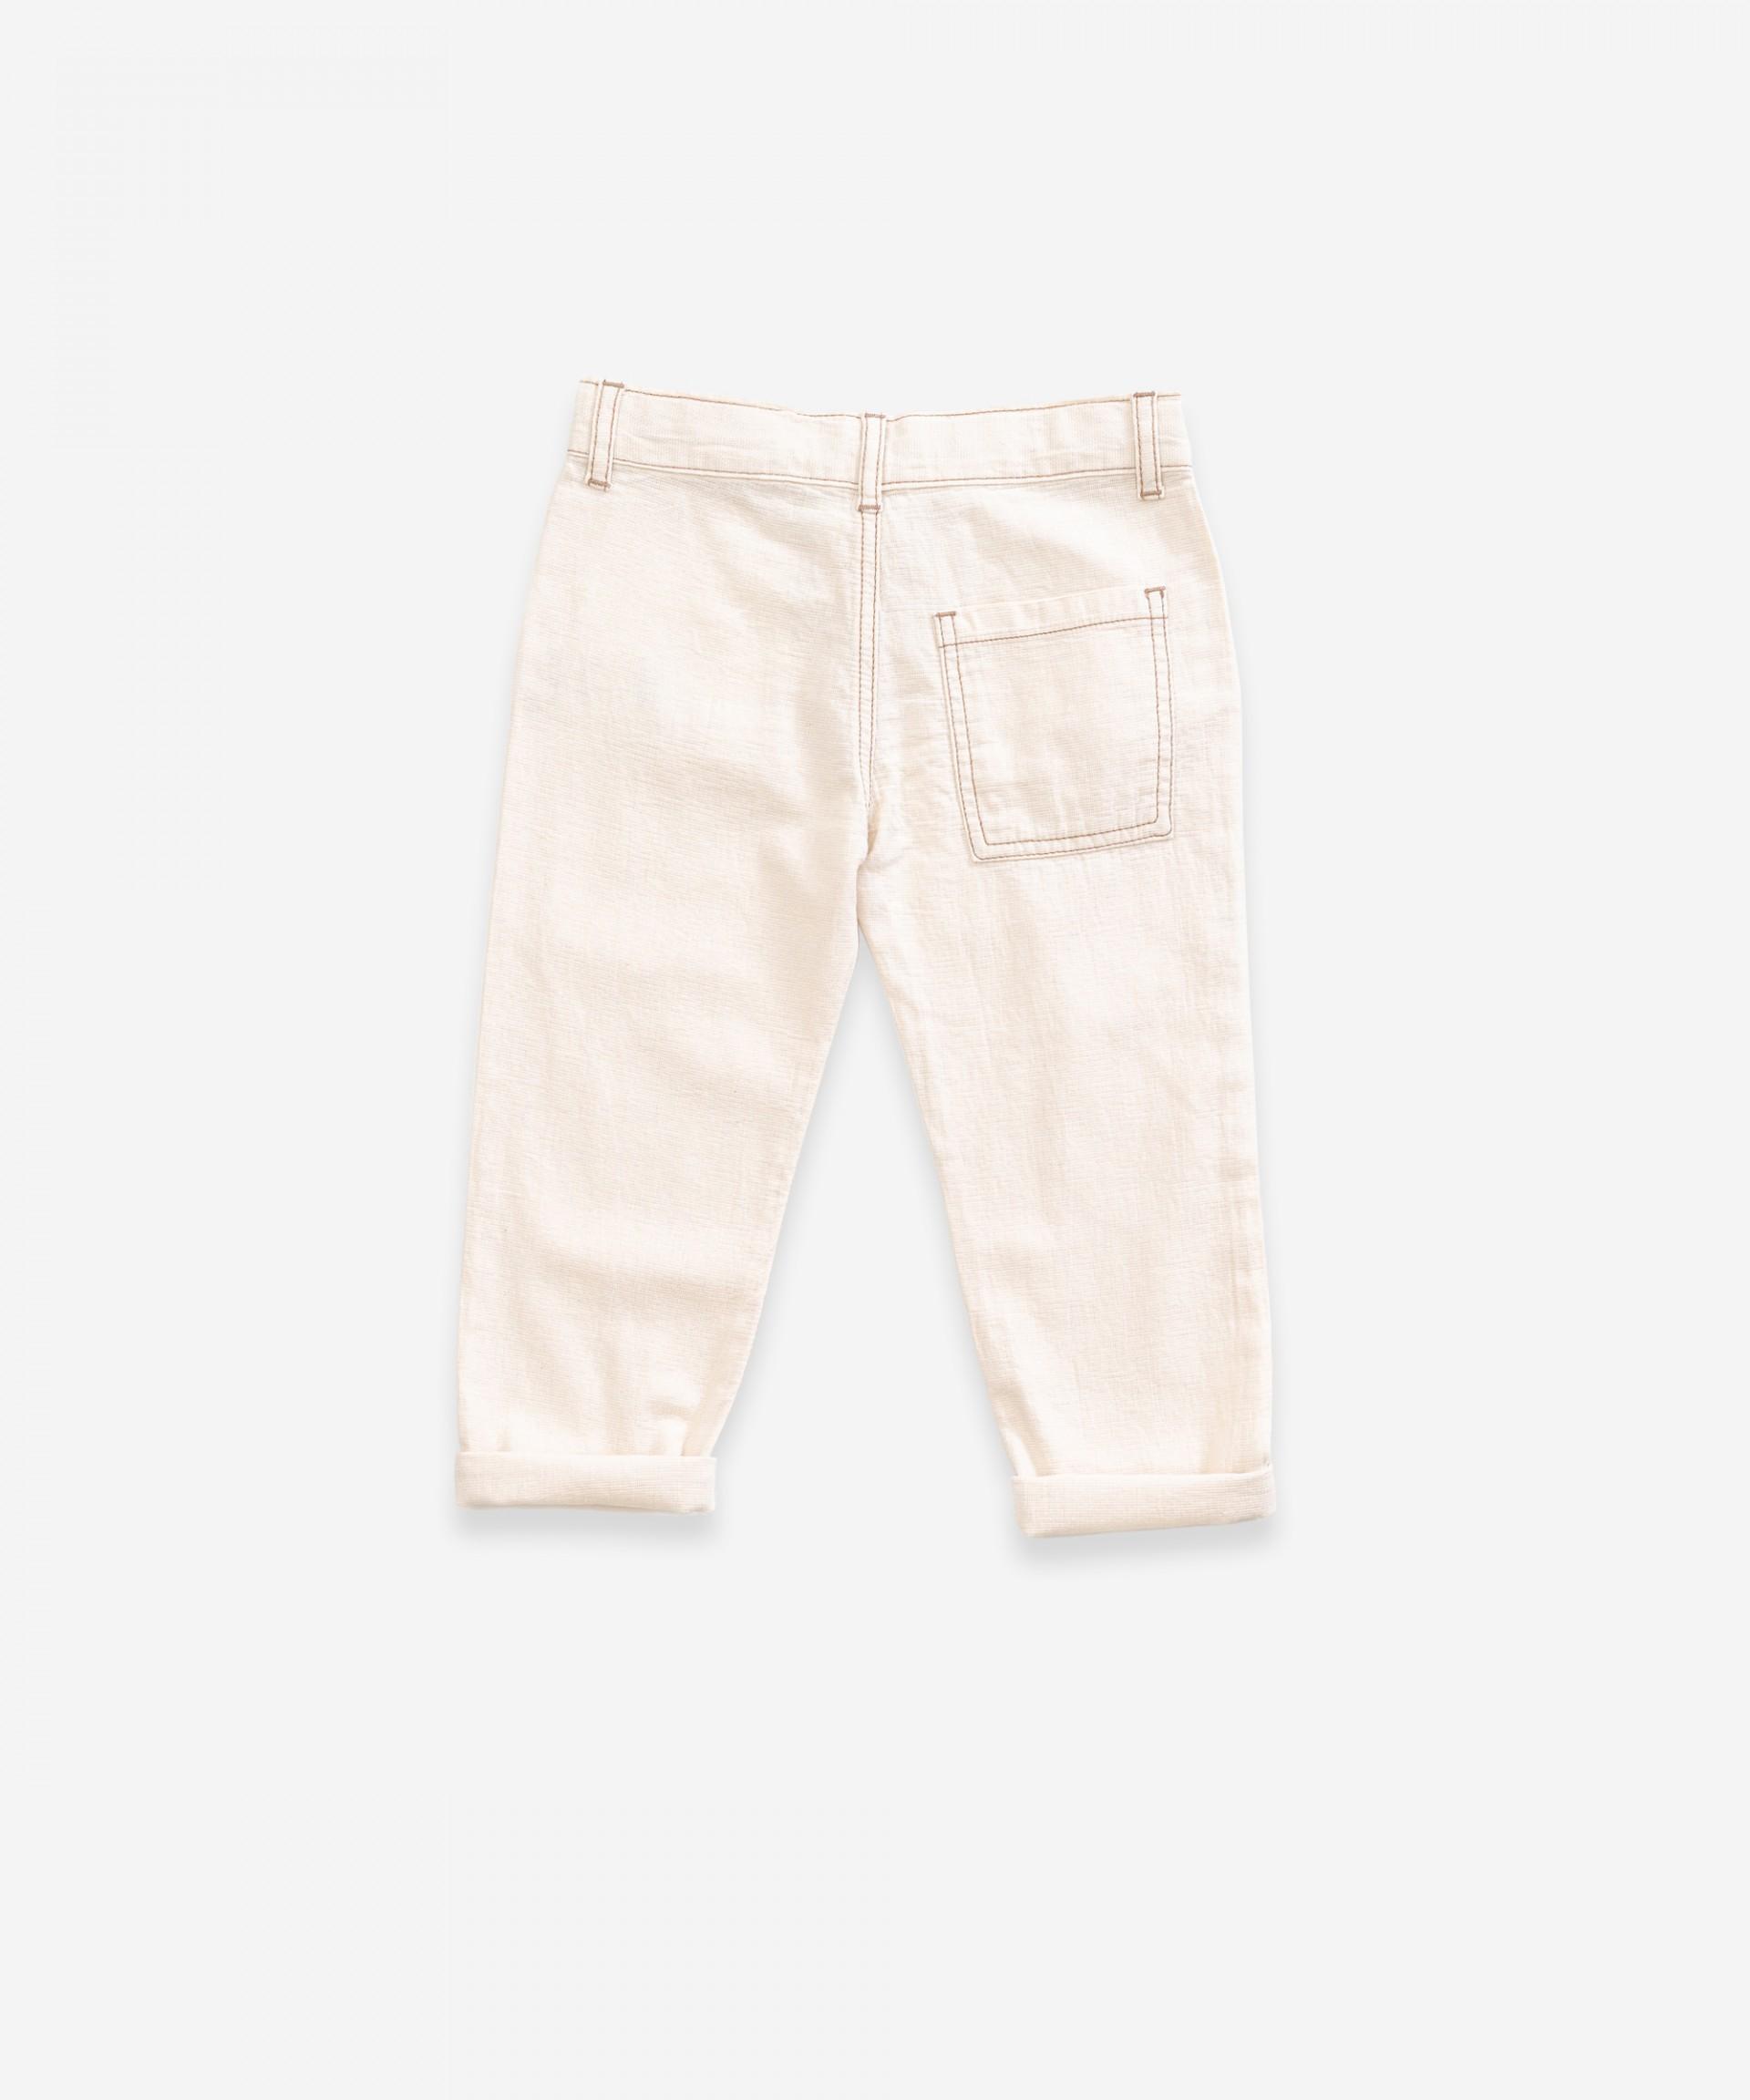 Pantalón de sarga con bolsillos | Weaving